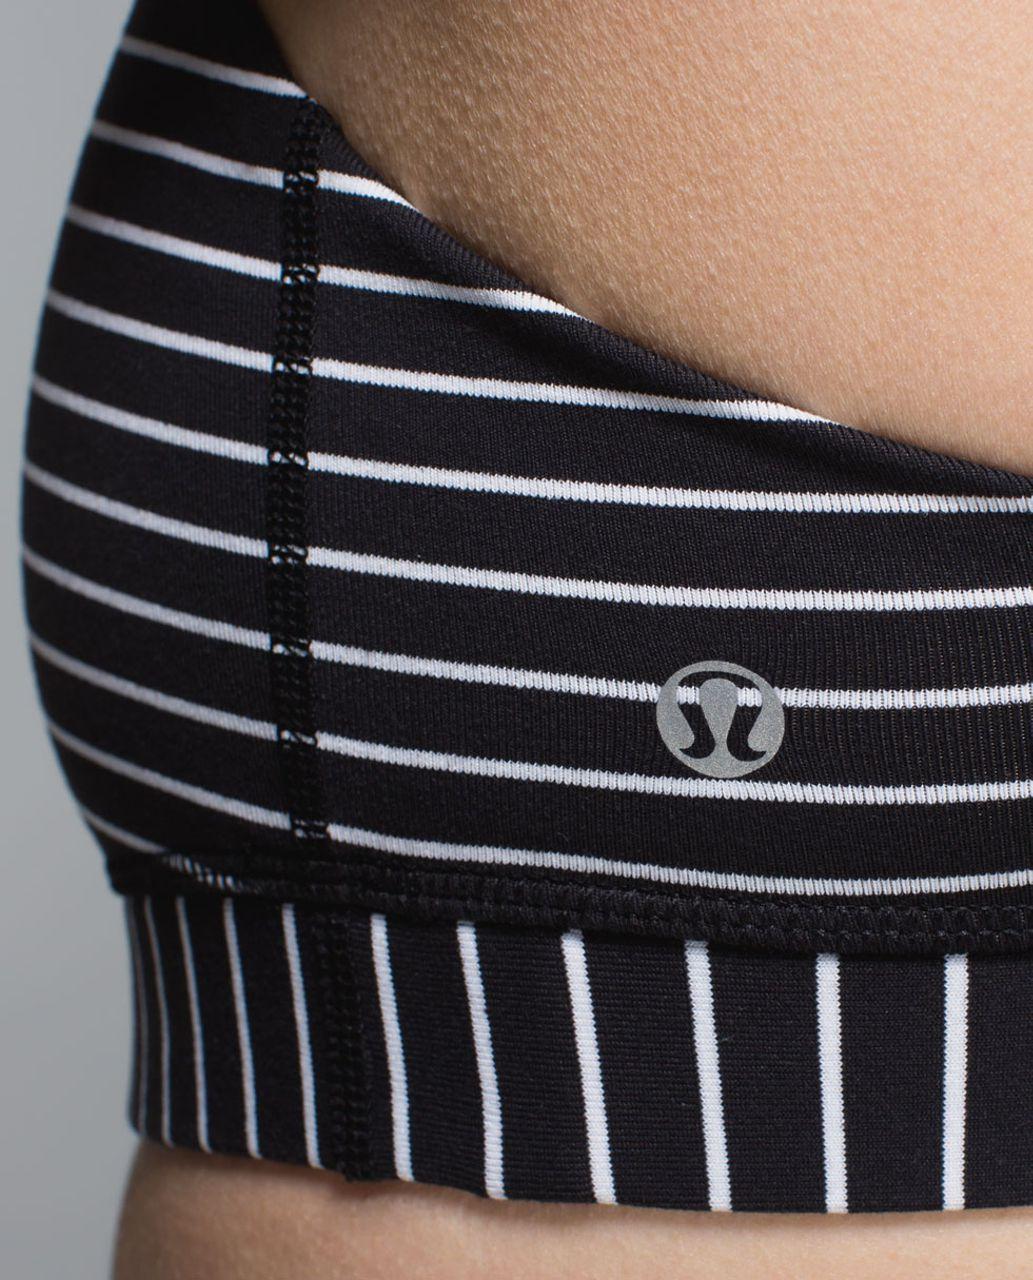 Lululemon 50 Rep Bra - Parallel Stripe Black White